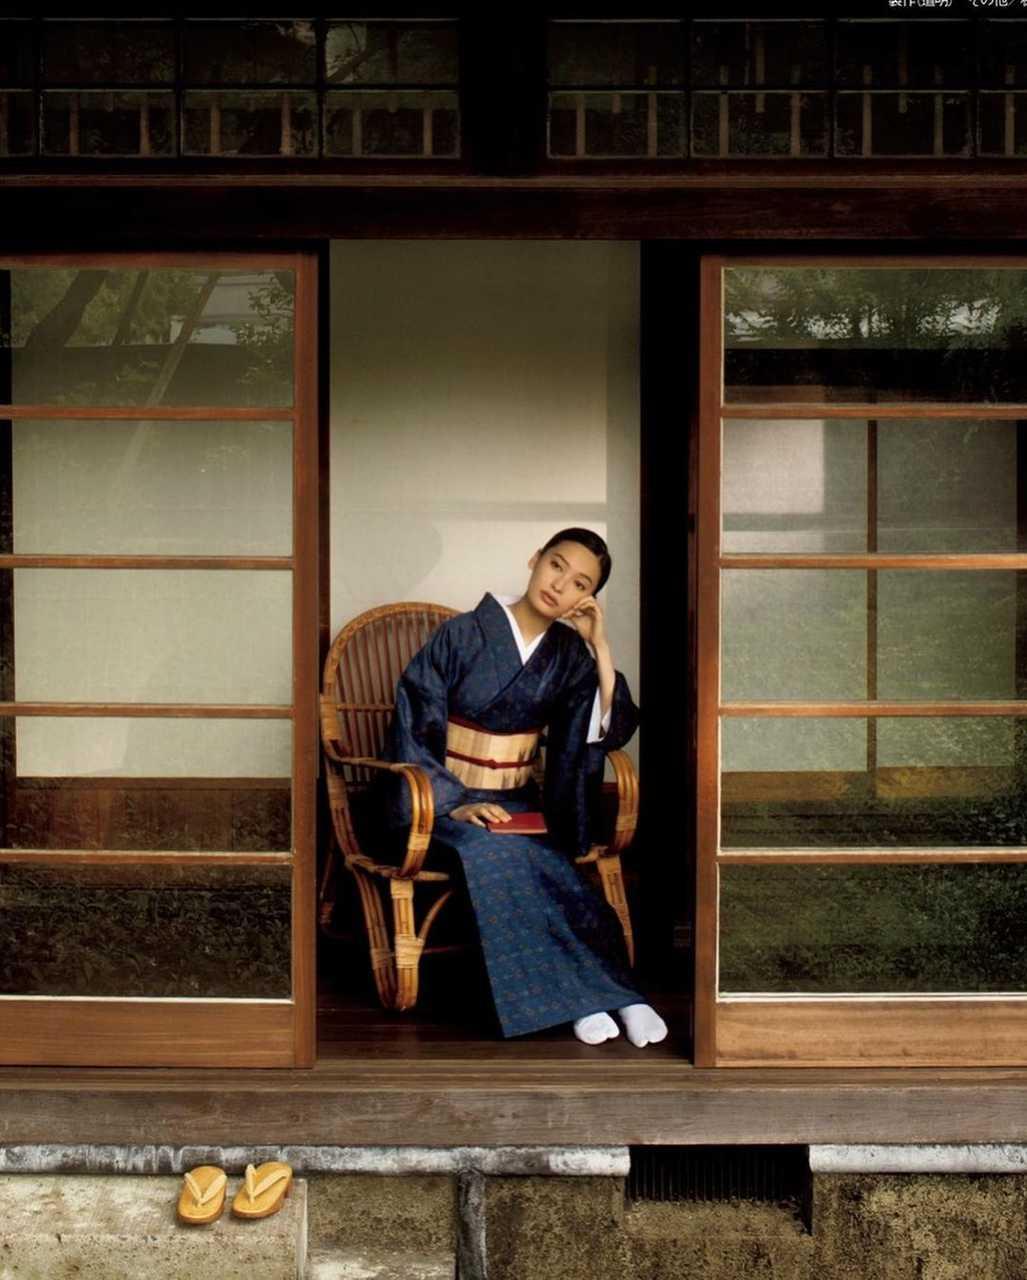 忘れかけていた日本の美。大政絢の色気漂う着物姿に釘付け